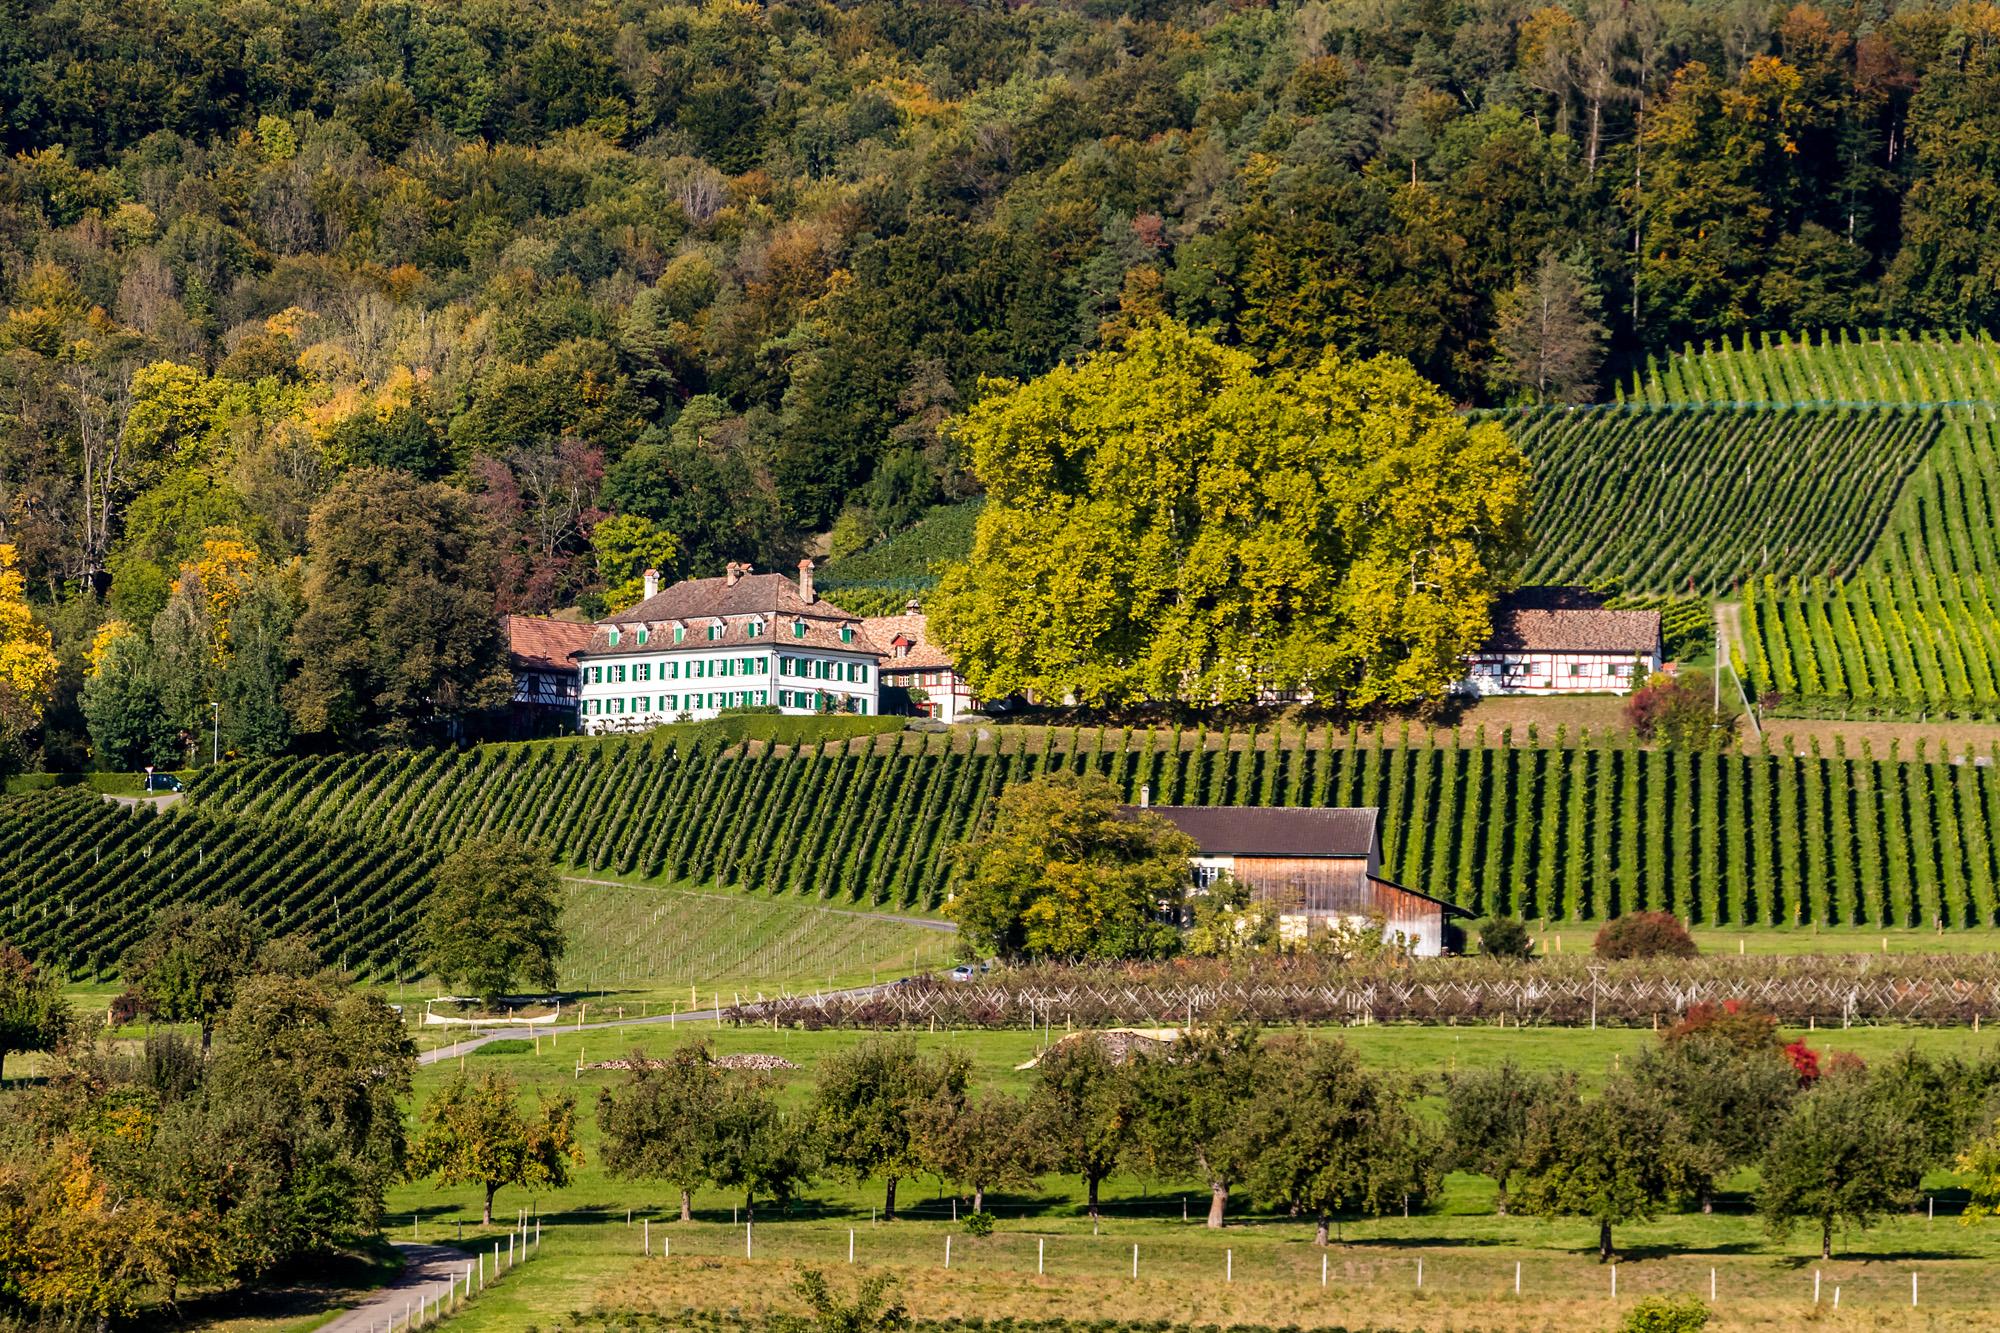 Schloss Bachtobel gleich nebenan: Ein ehemaliger Adelssitz aus dem 16. Jahrhundert mit eigenem Weingut.